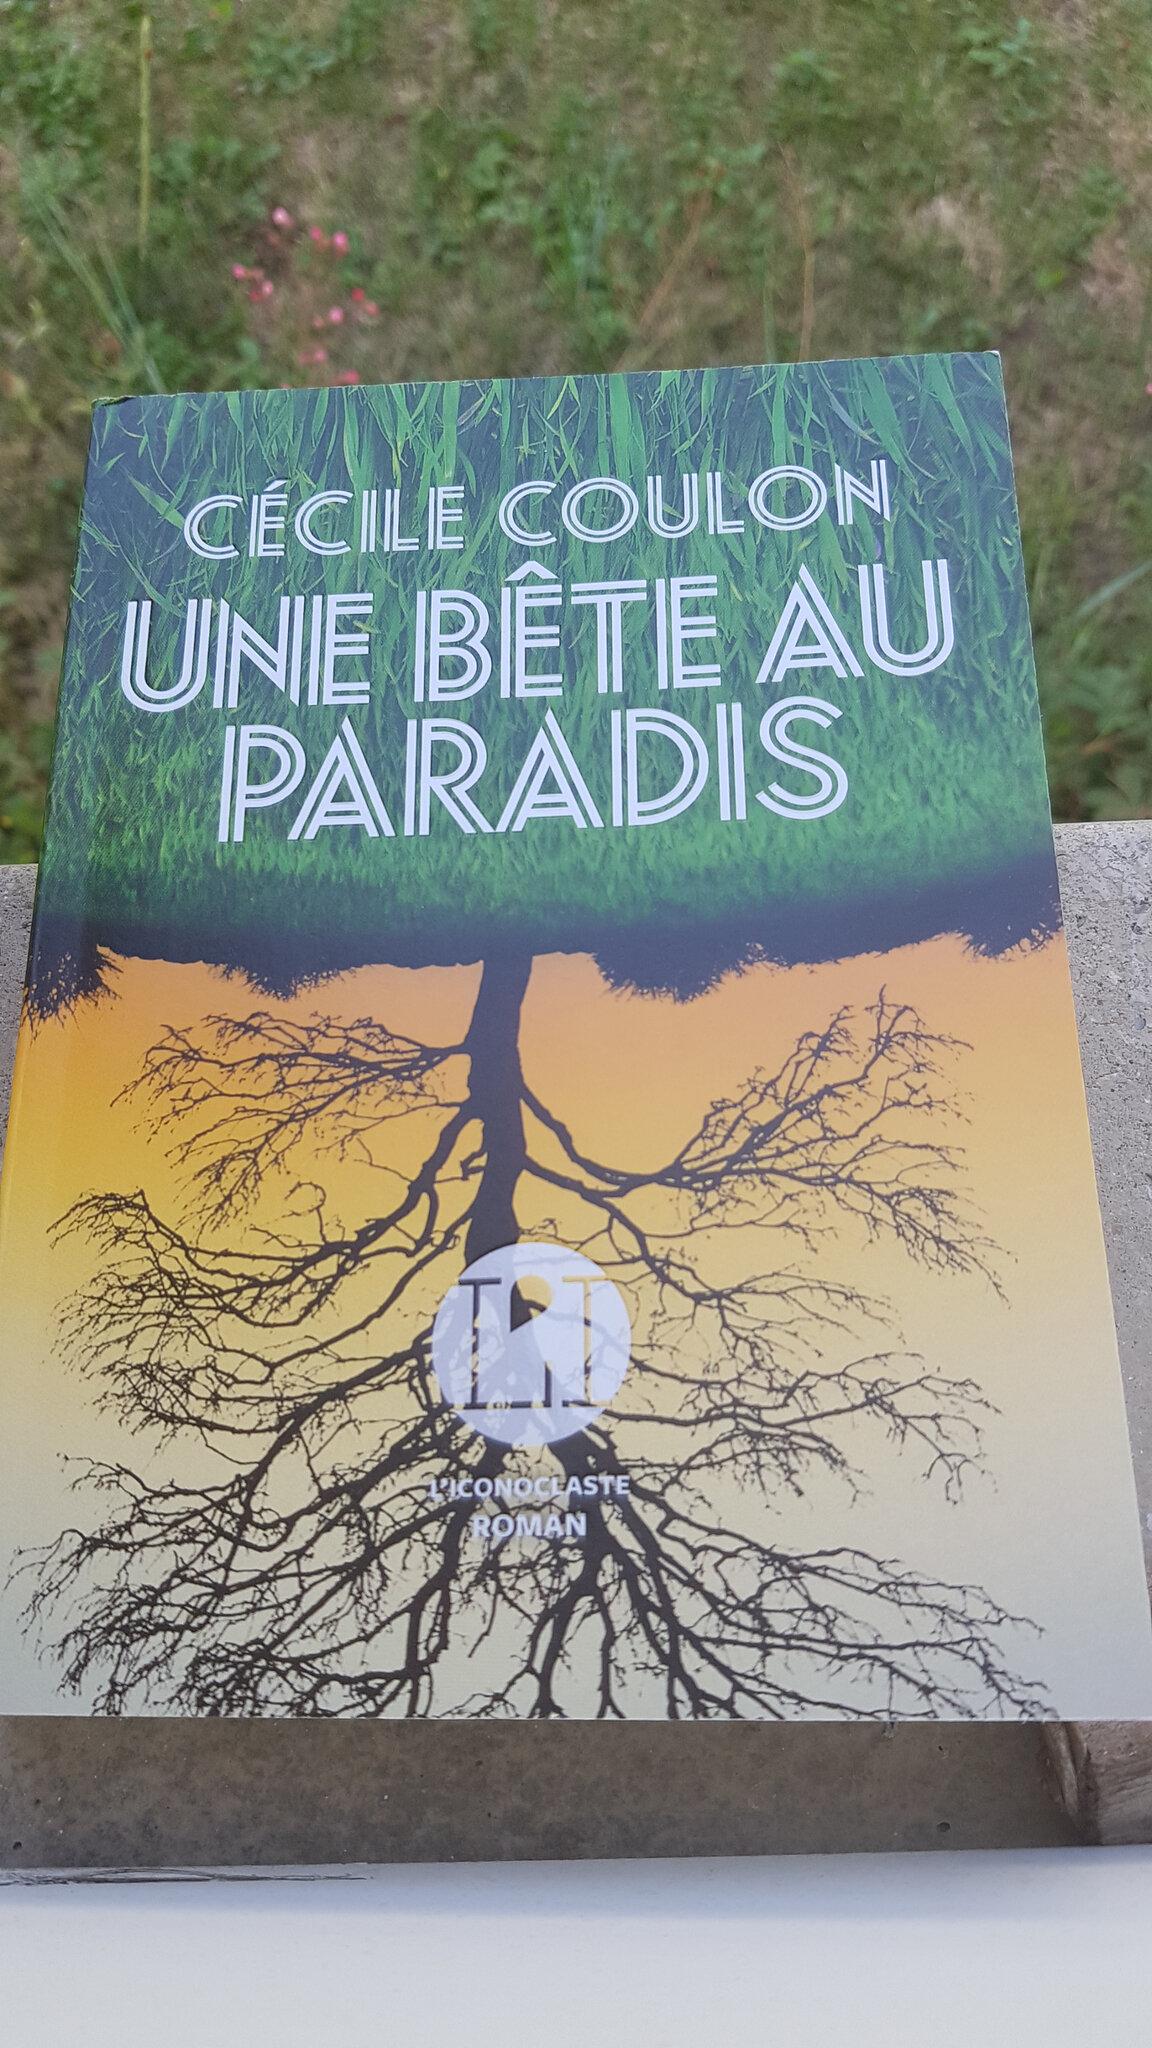 Cecile Coulon Une Bete Au Paradis : cecile, coulon, paradis, Passion:, Bête, Paradis, Cécile, Coulon, #RL19, D'eirenamg, Gourmandise, Partager:, Lecture